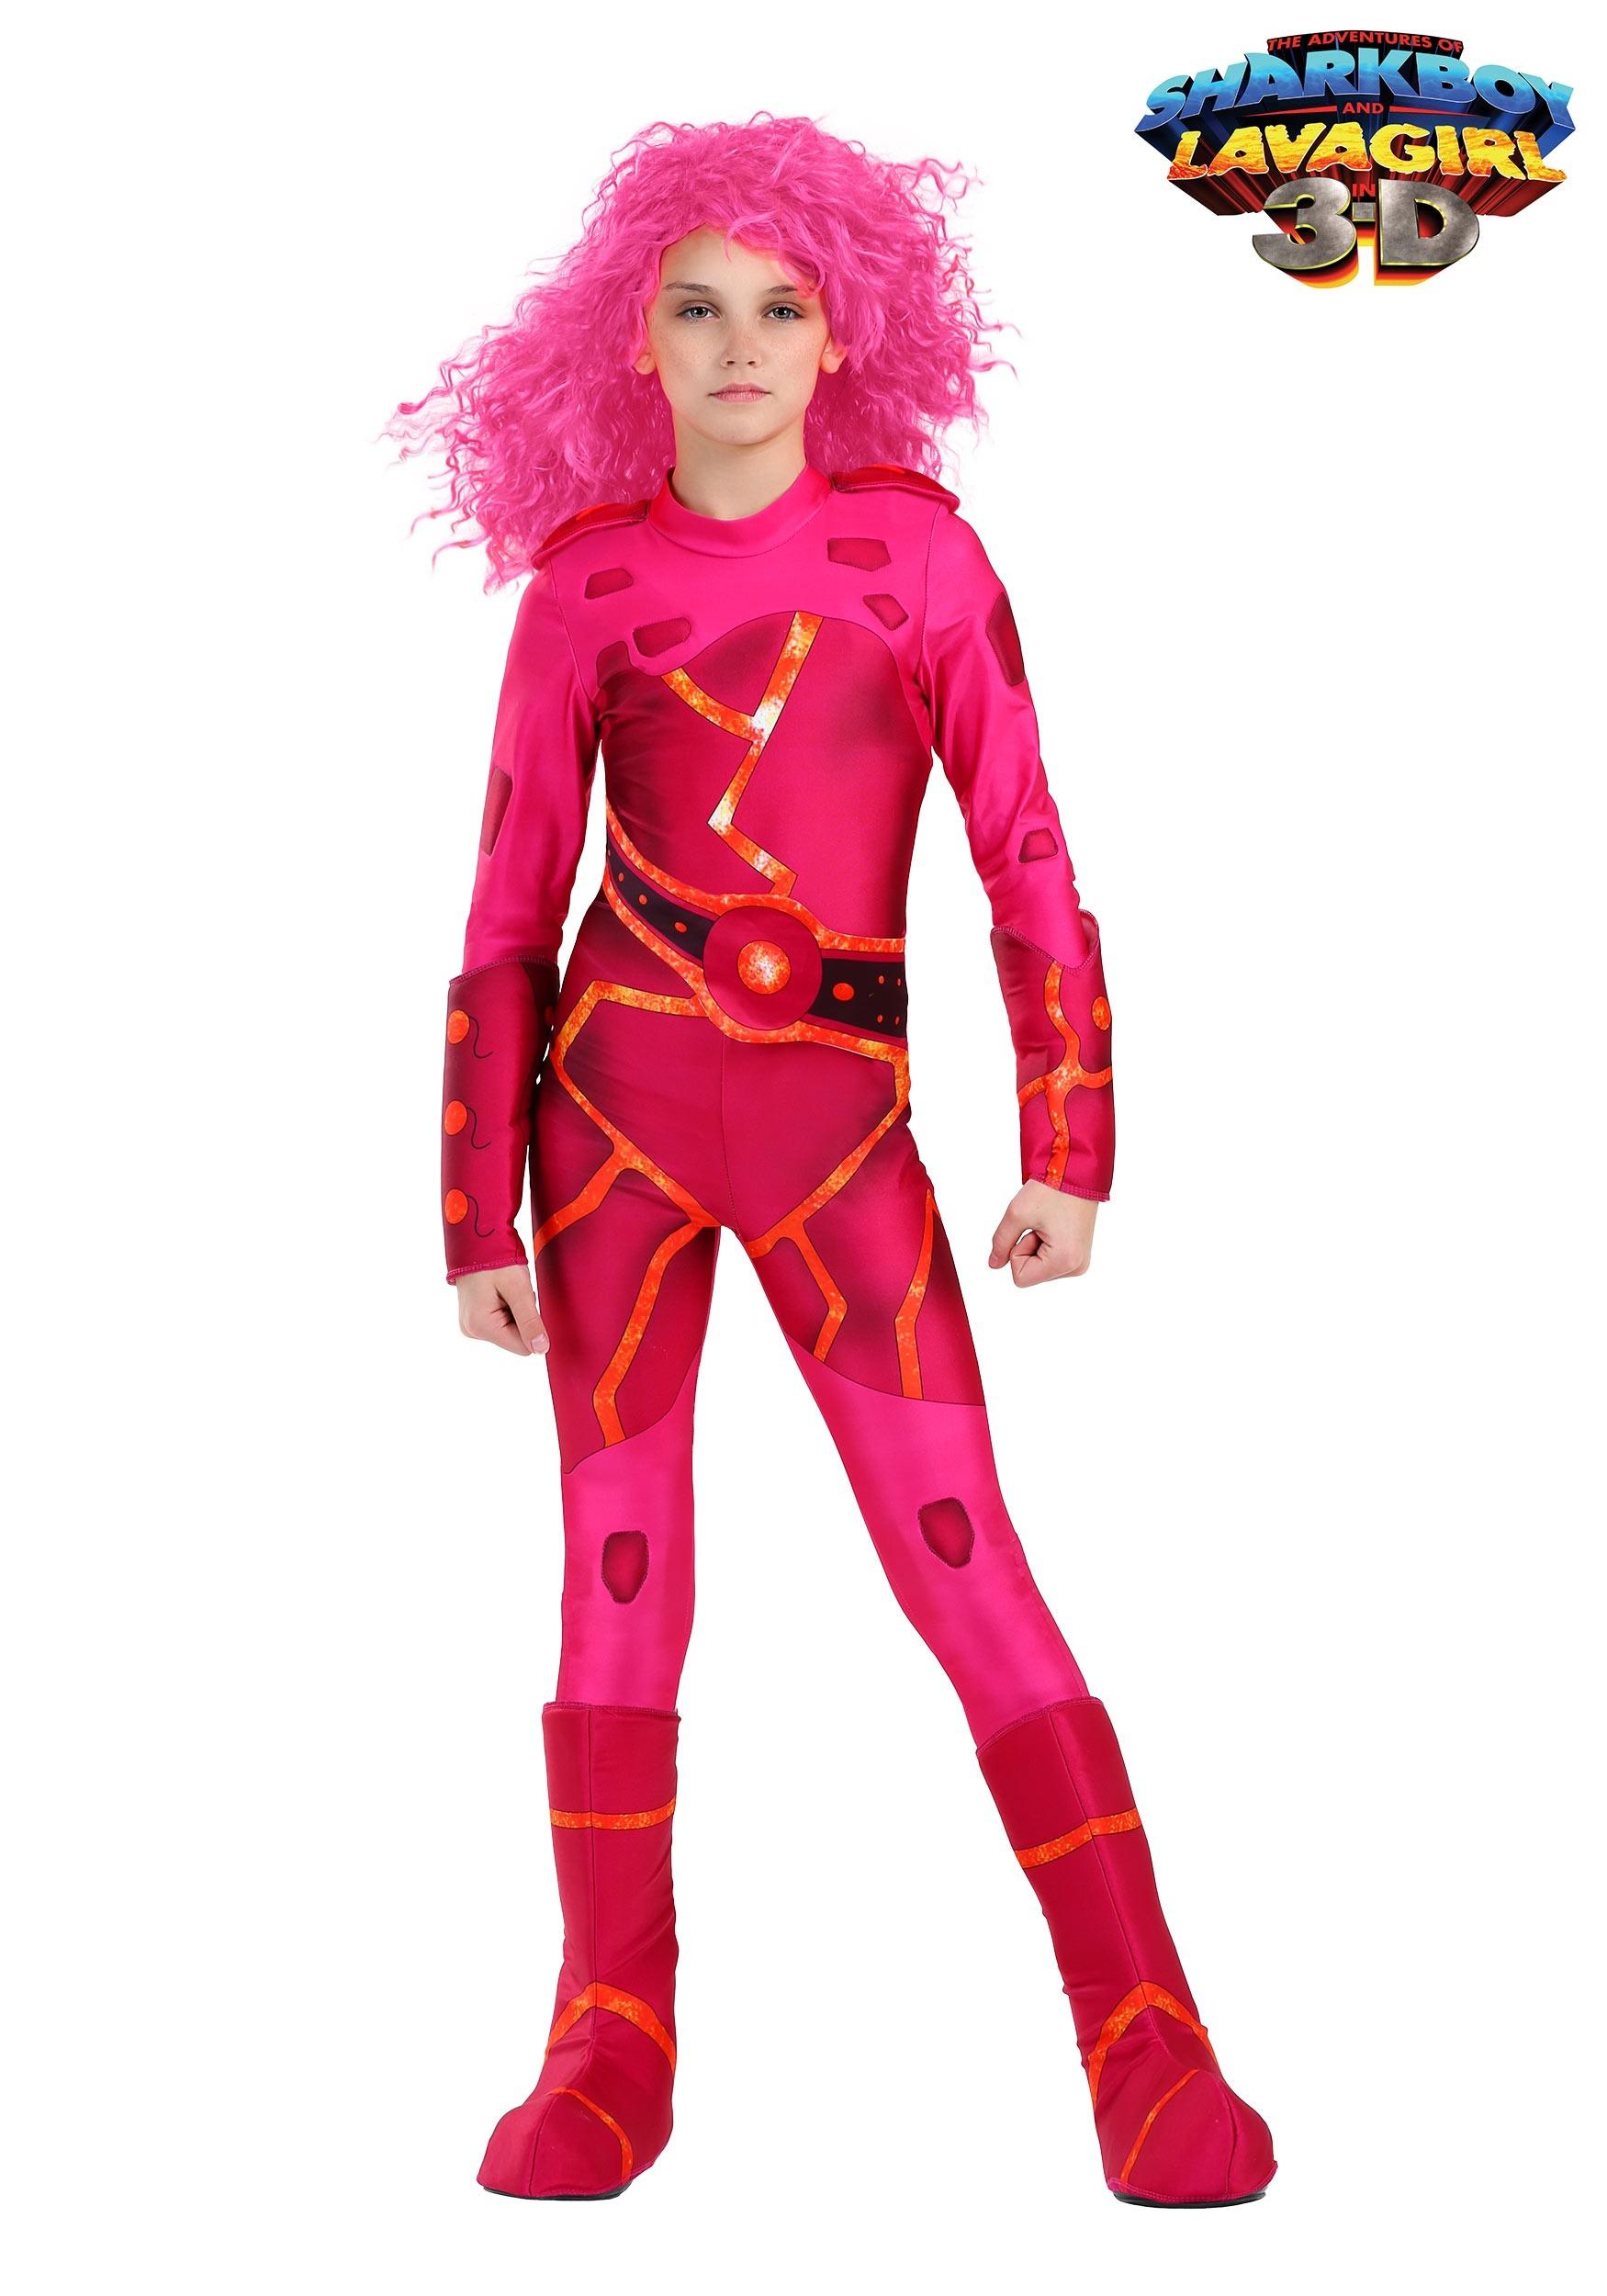 Lavagirl costume